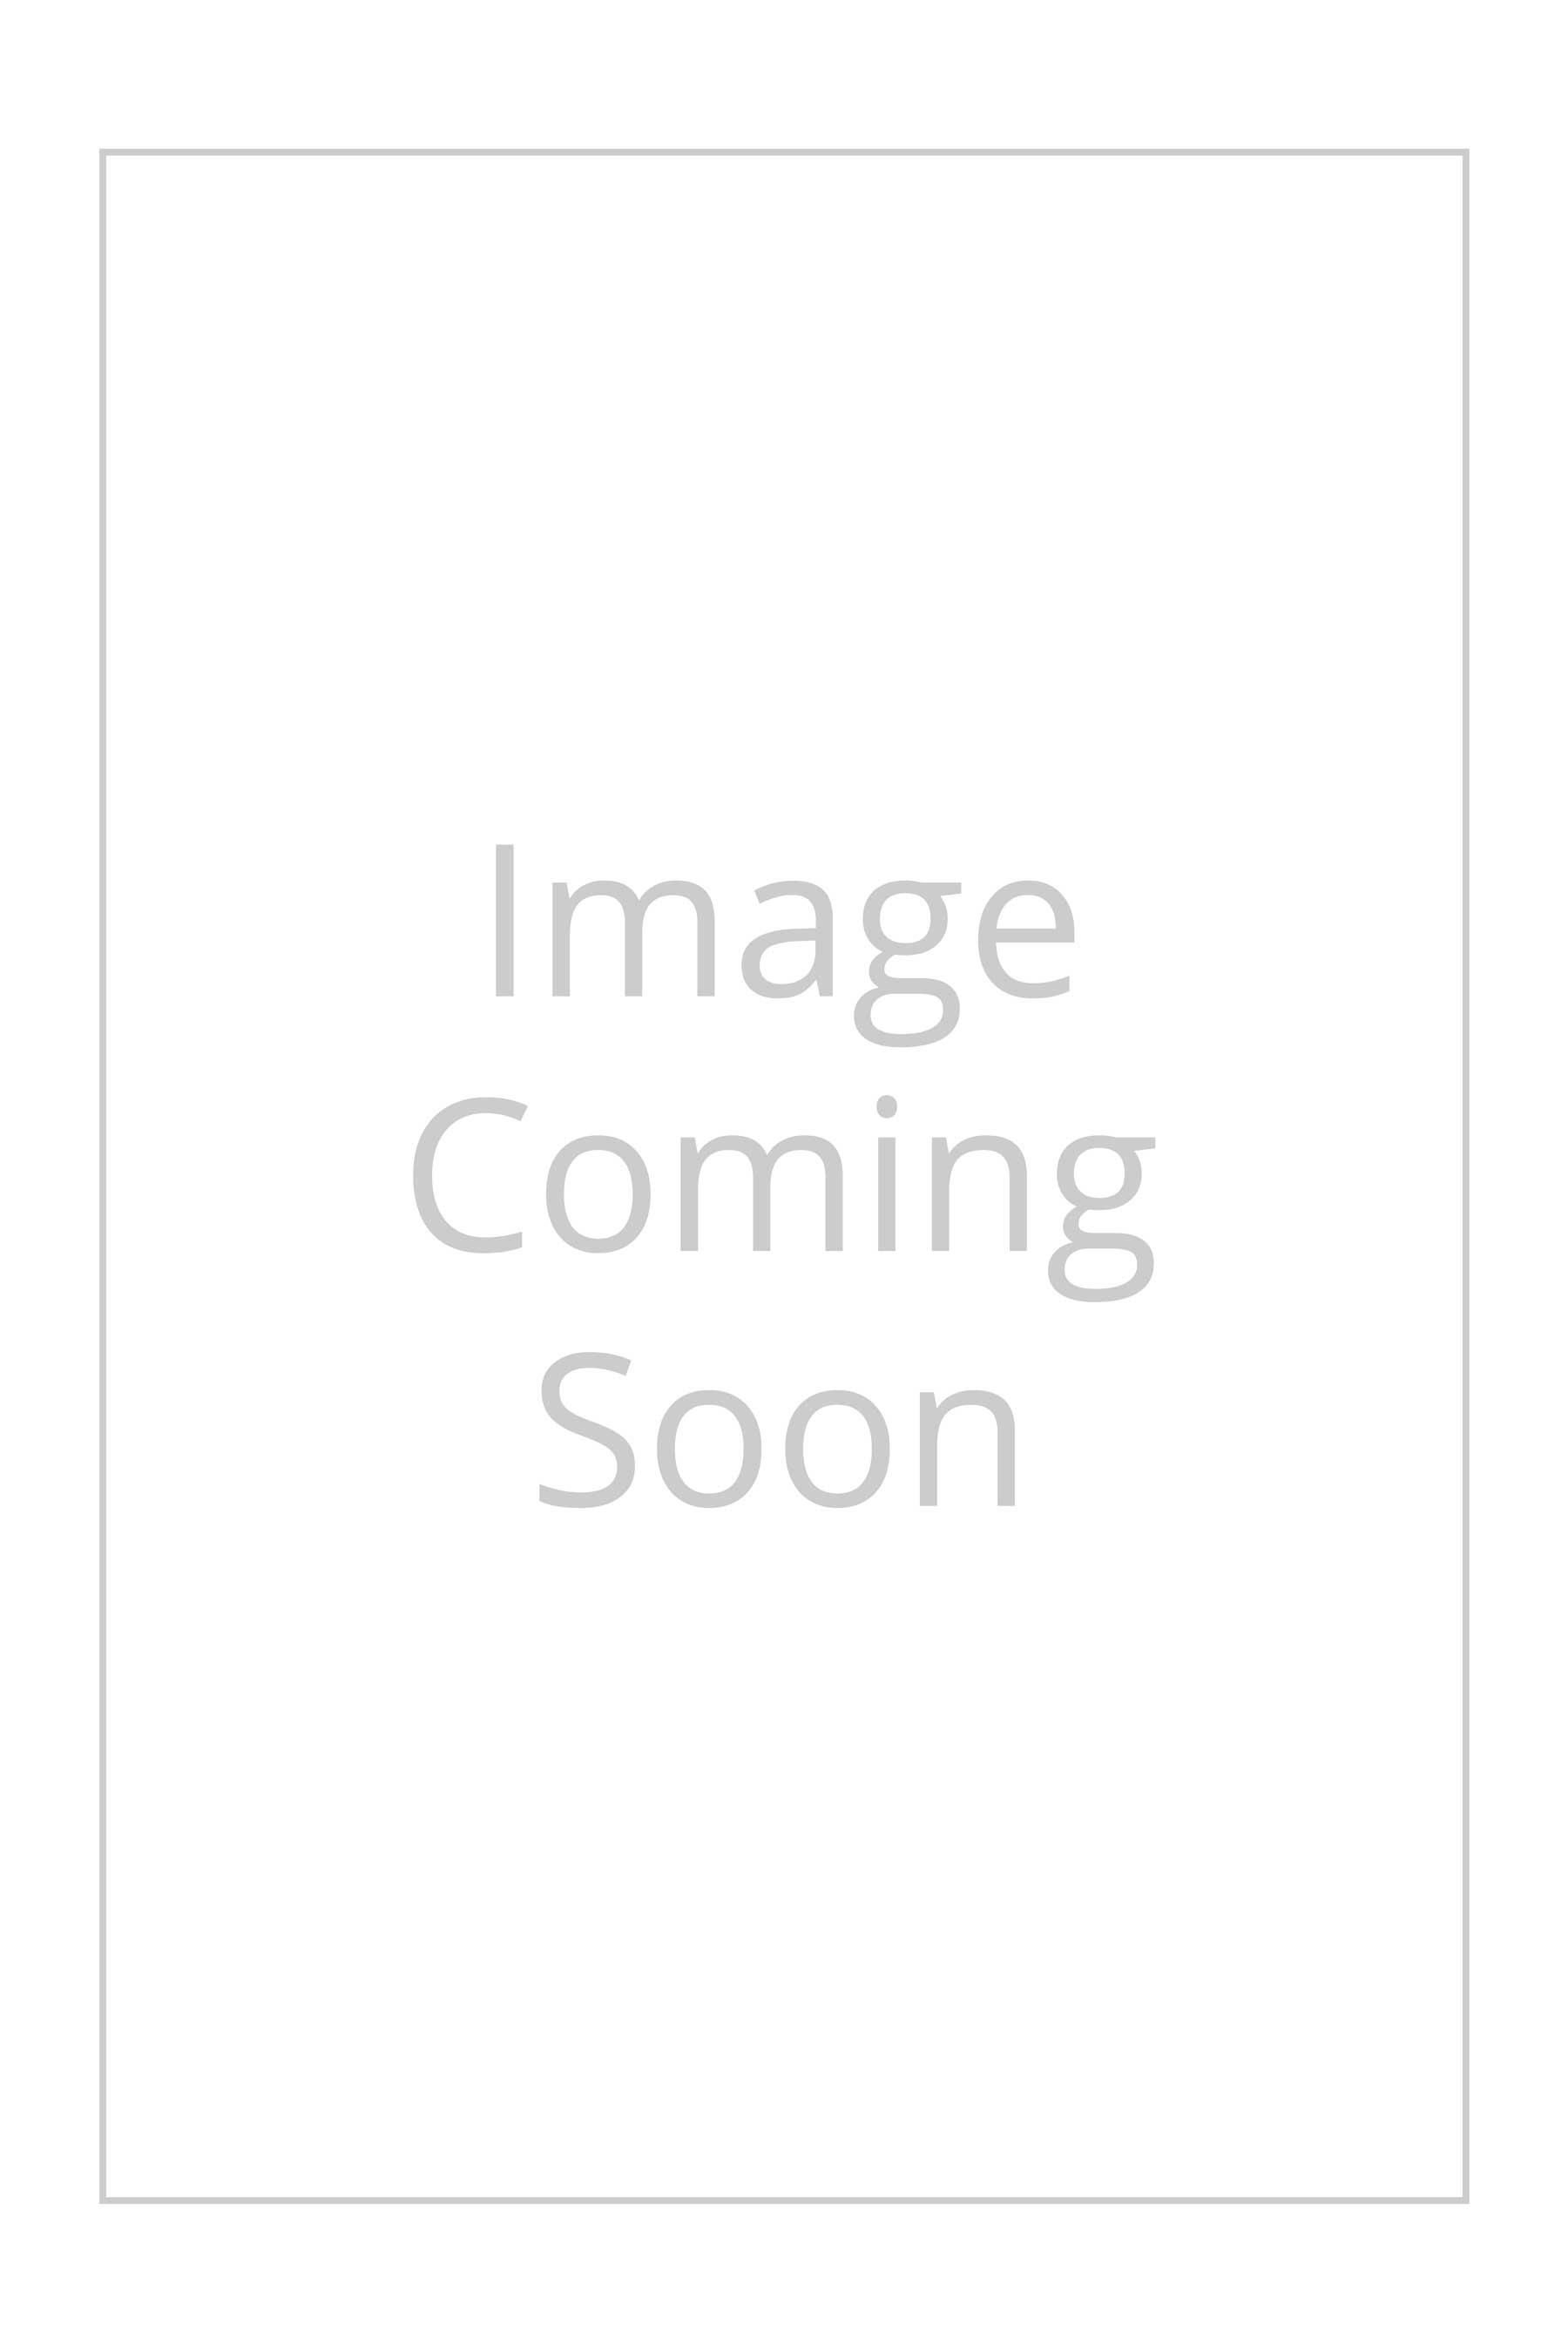 Eileen Fisher Cinnamon Brown Wool Knit Top